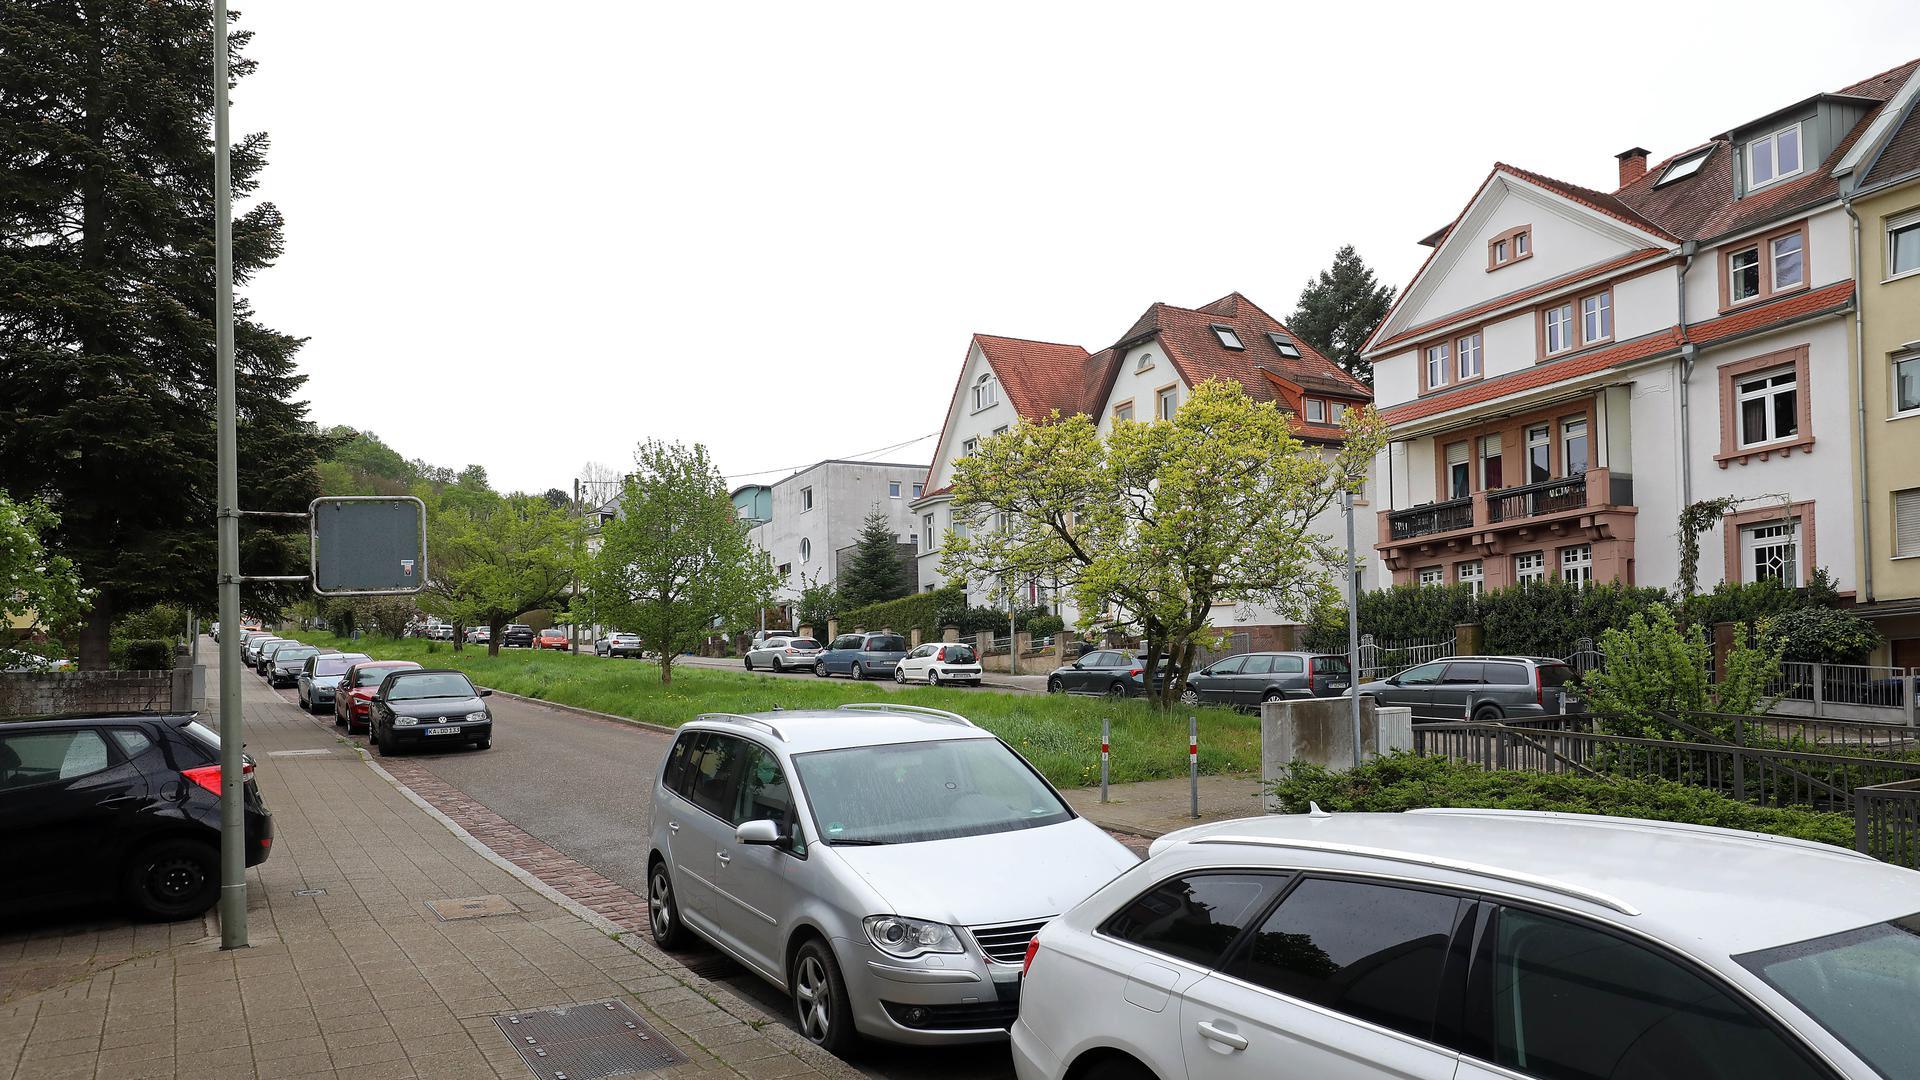 Bergbahnstraße mit Grünstreifen in der Mitte